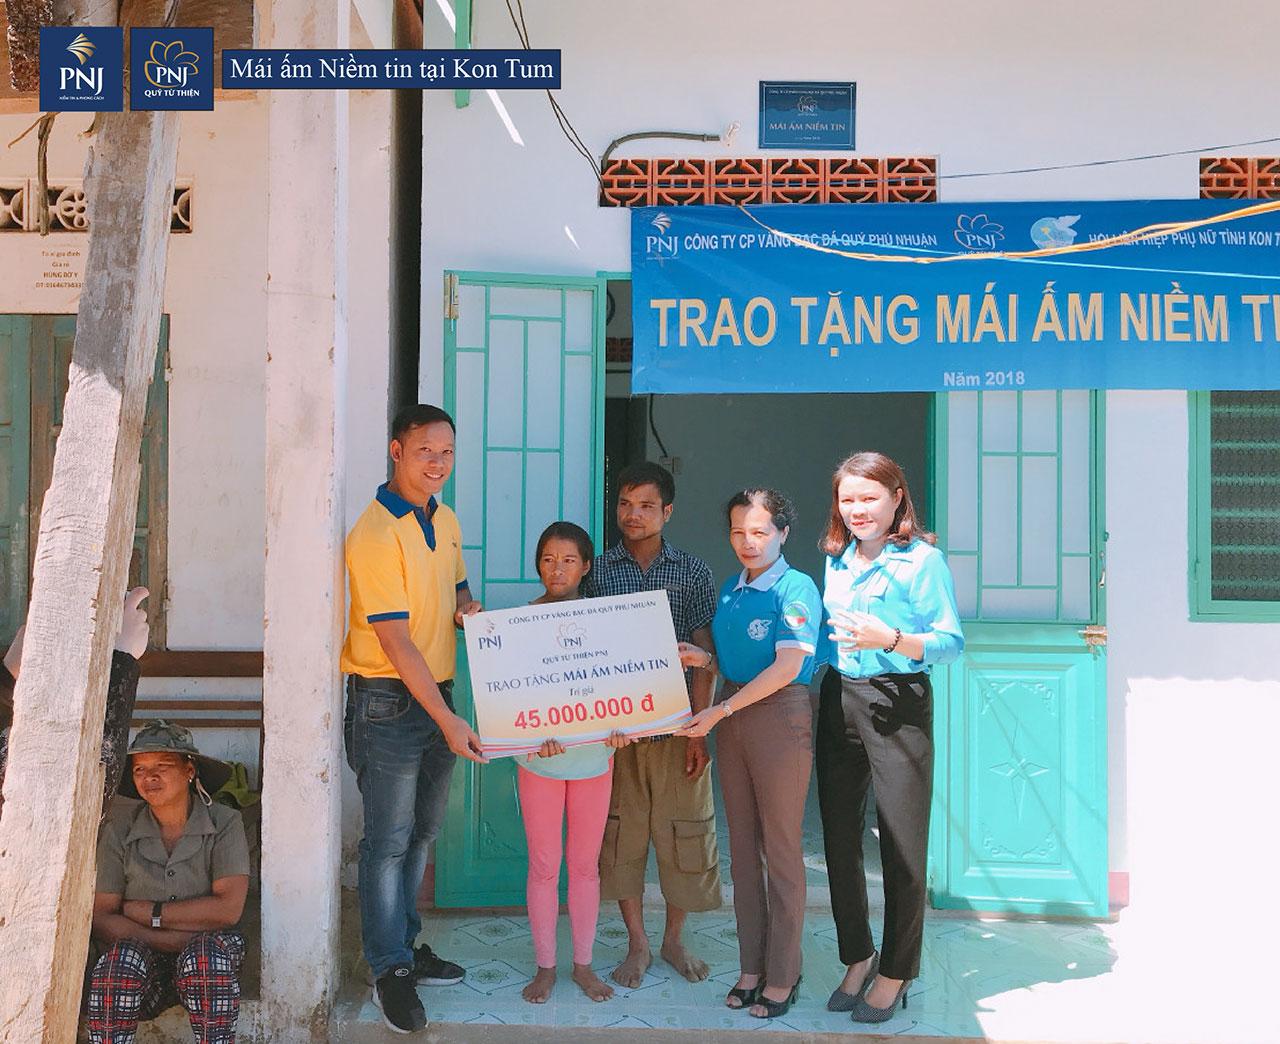 Mái ấm niềm tin đến với người nghèo tại tỉnh Kon Tum